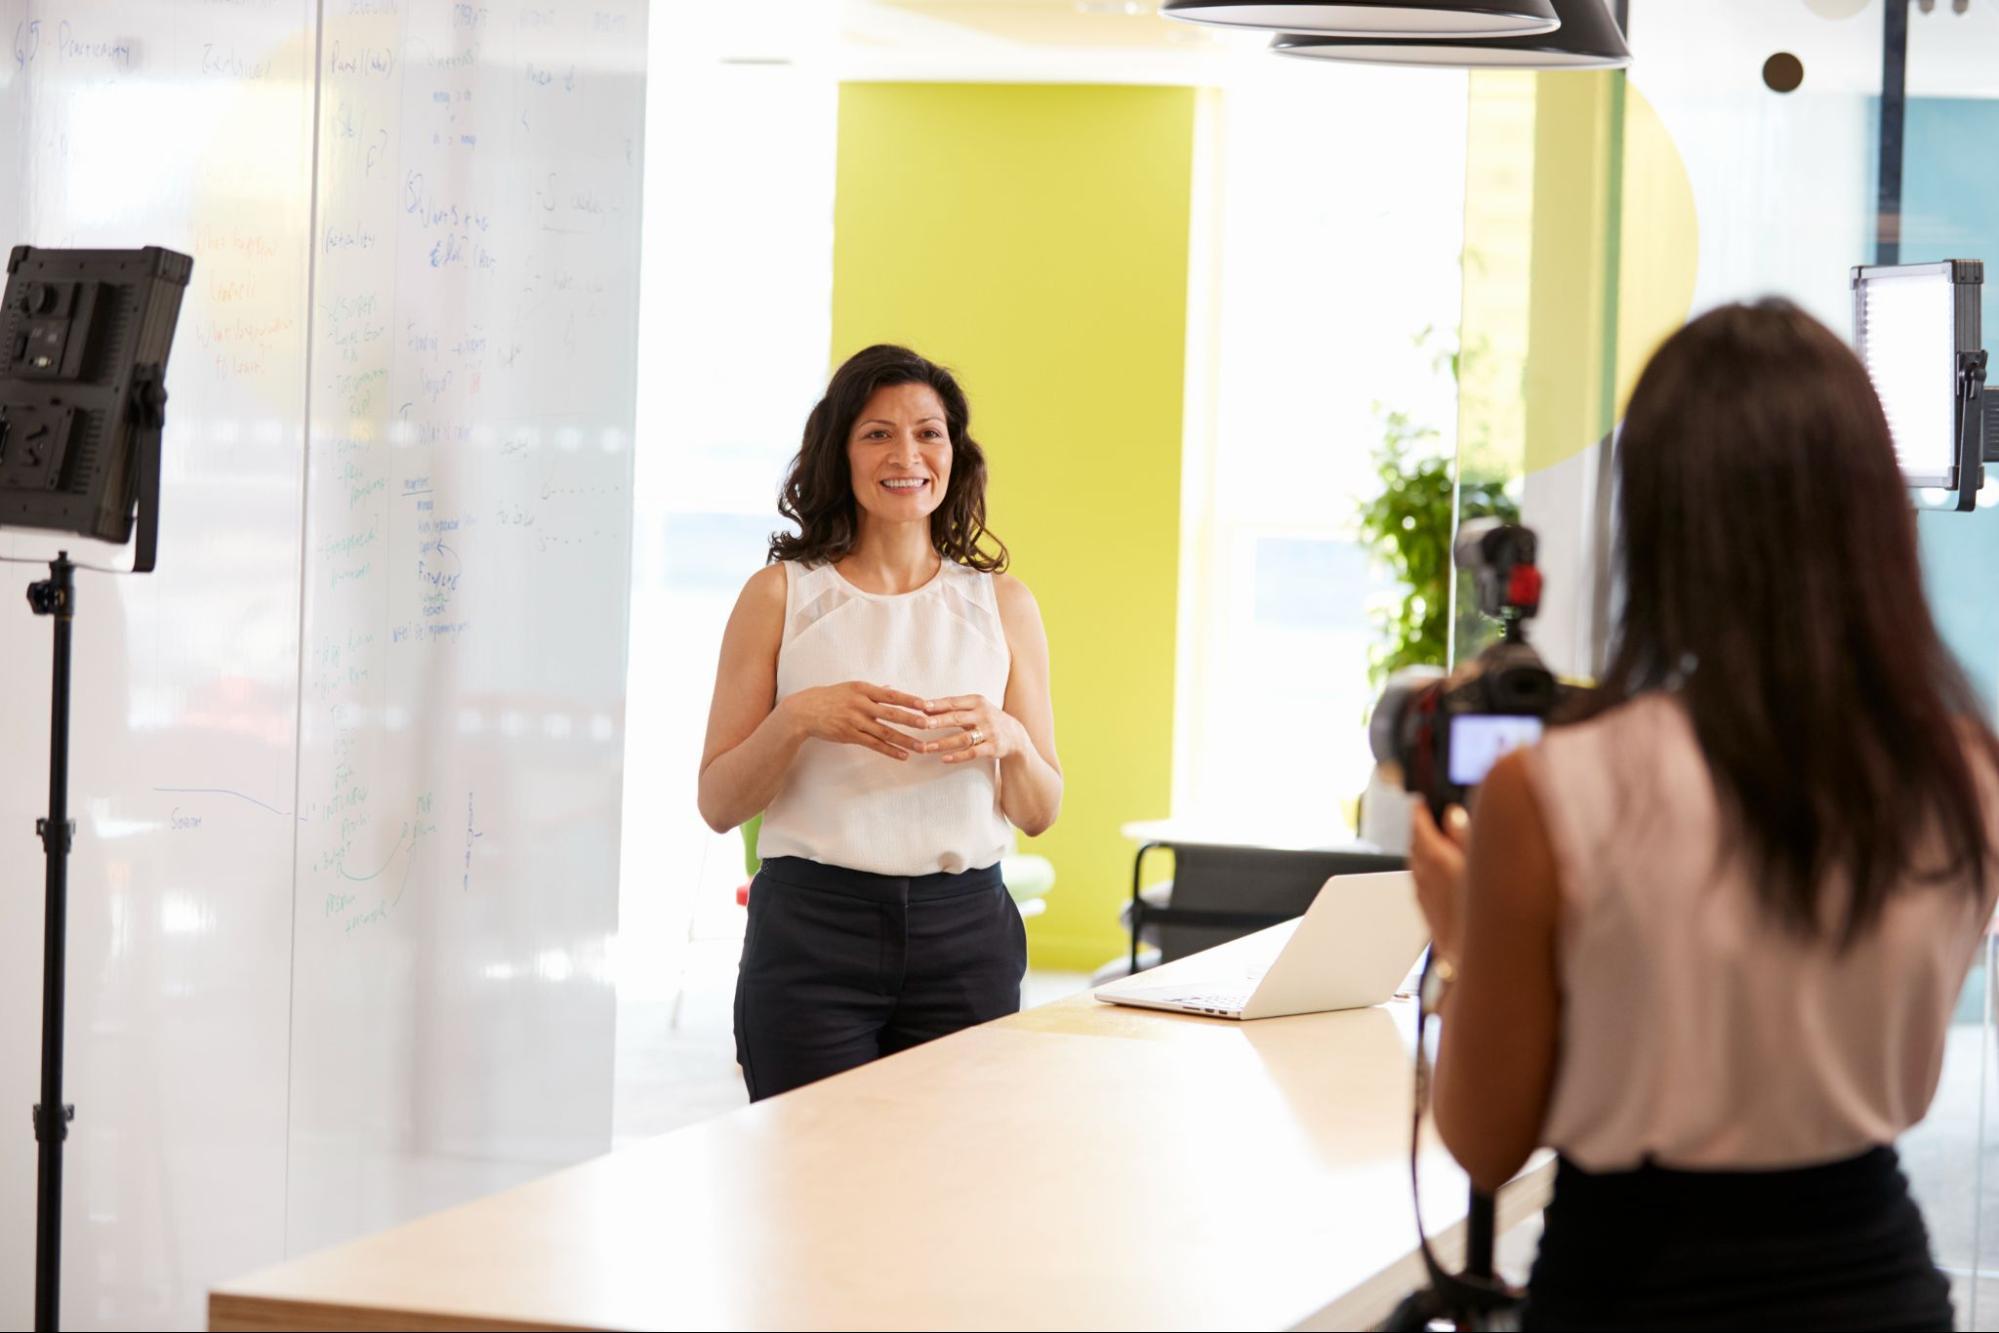 Зйомка фрагменту іміджевого ролика в офісі компанії